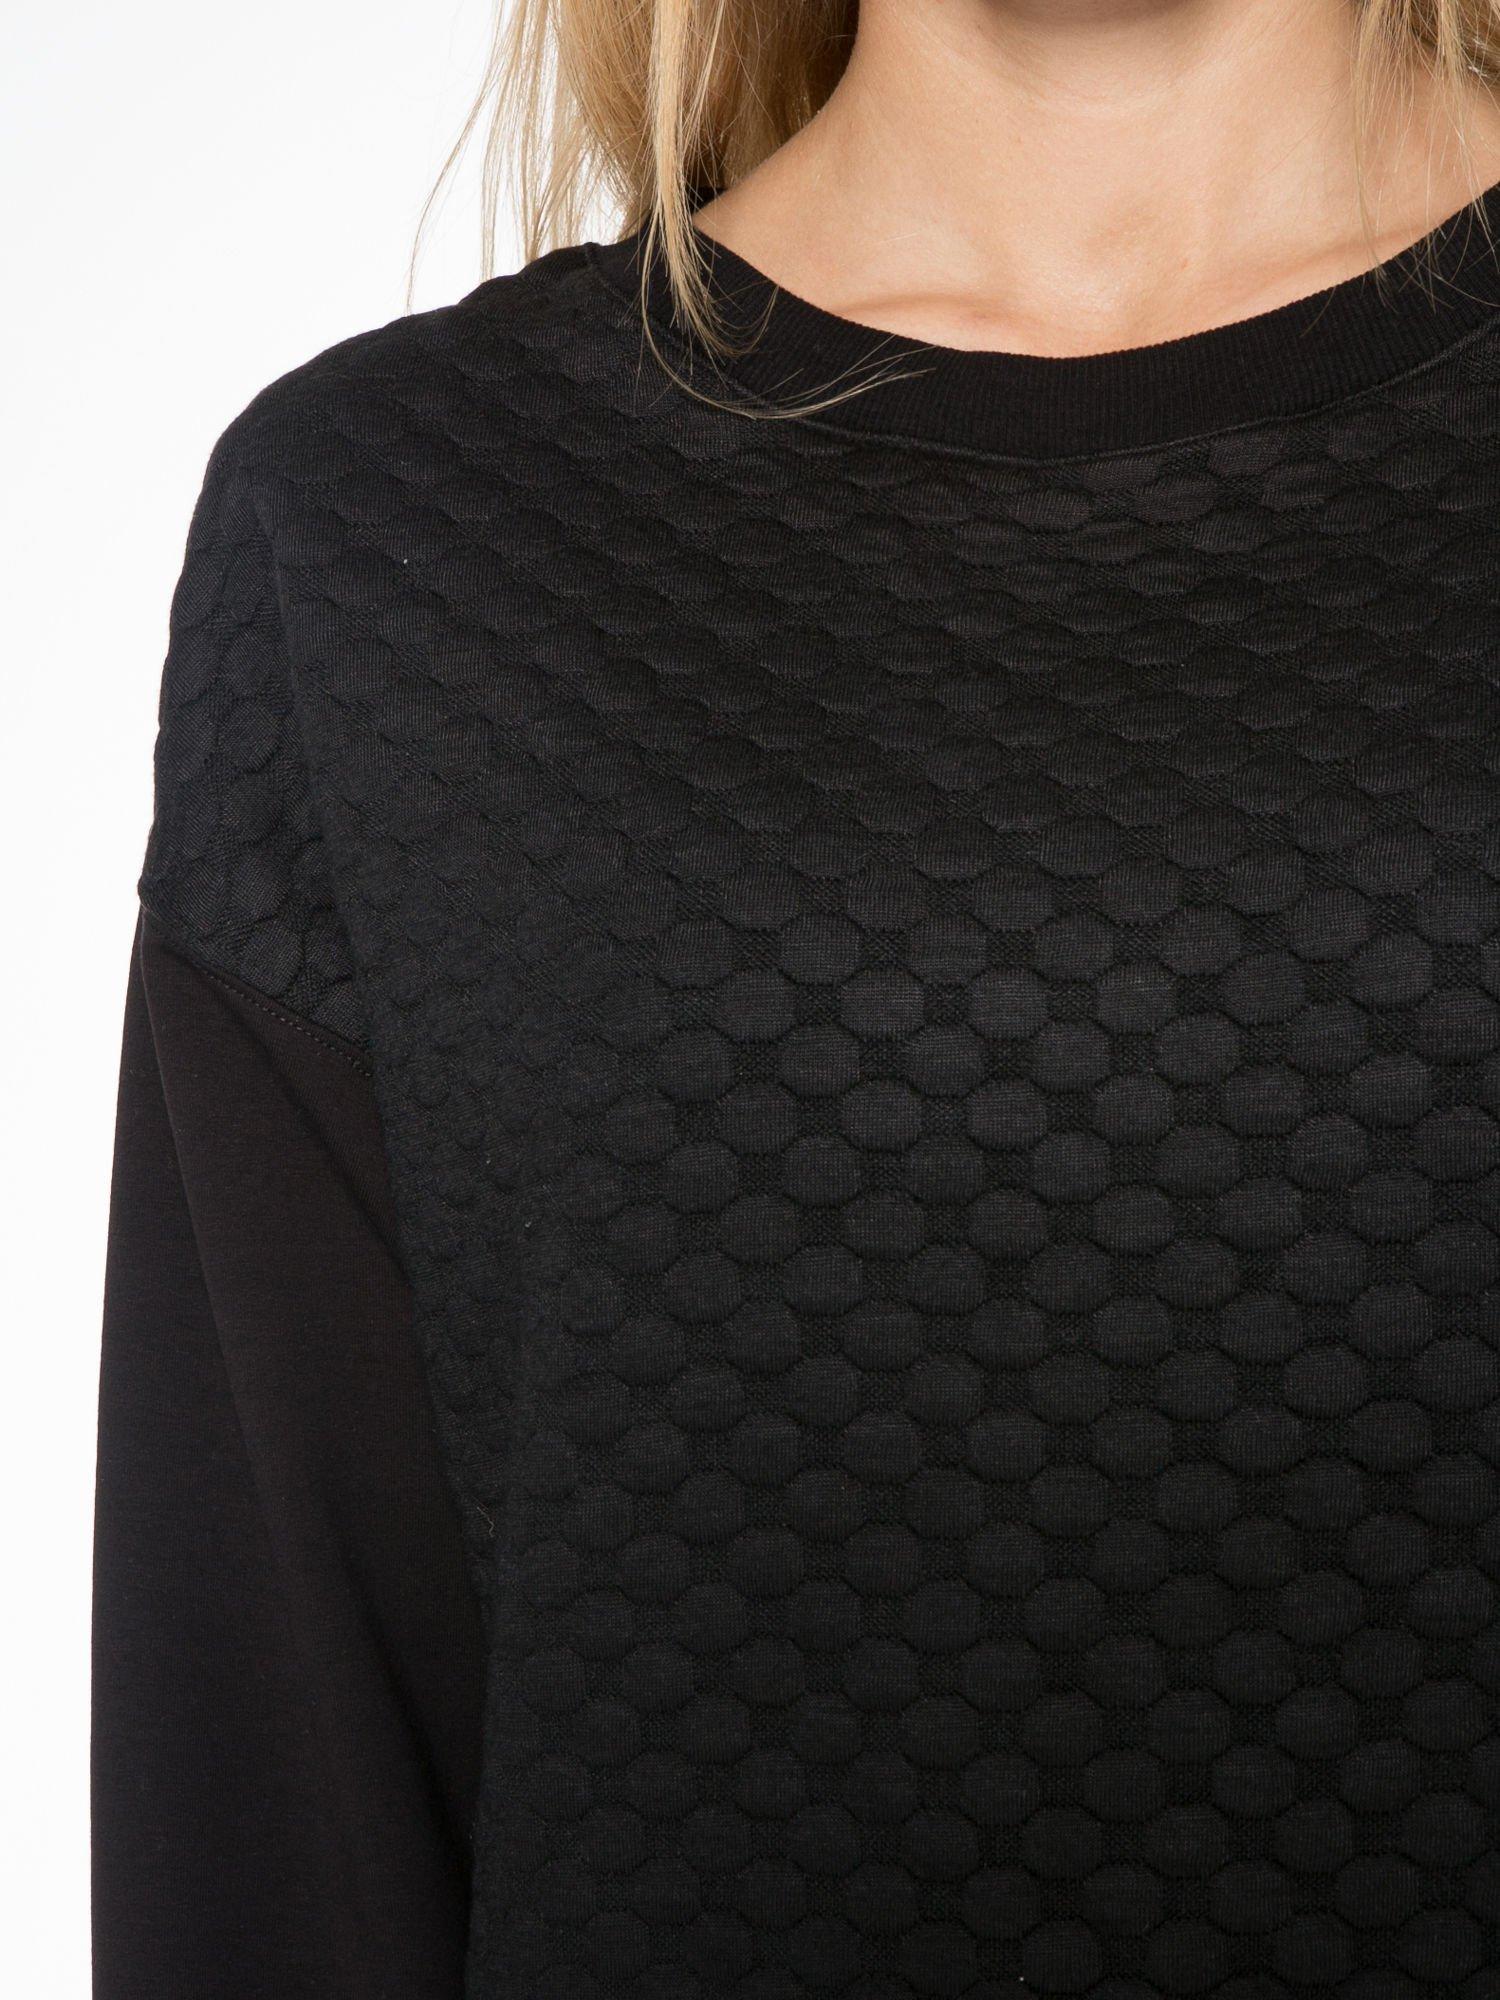 Czarna bluza z luźnymi rękawami o bąbelkowej fakturze                                  zdj.                                  5